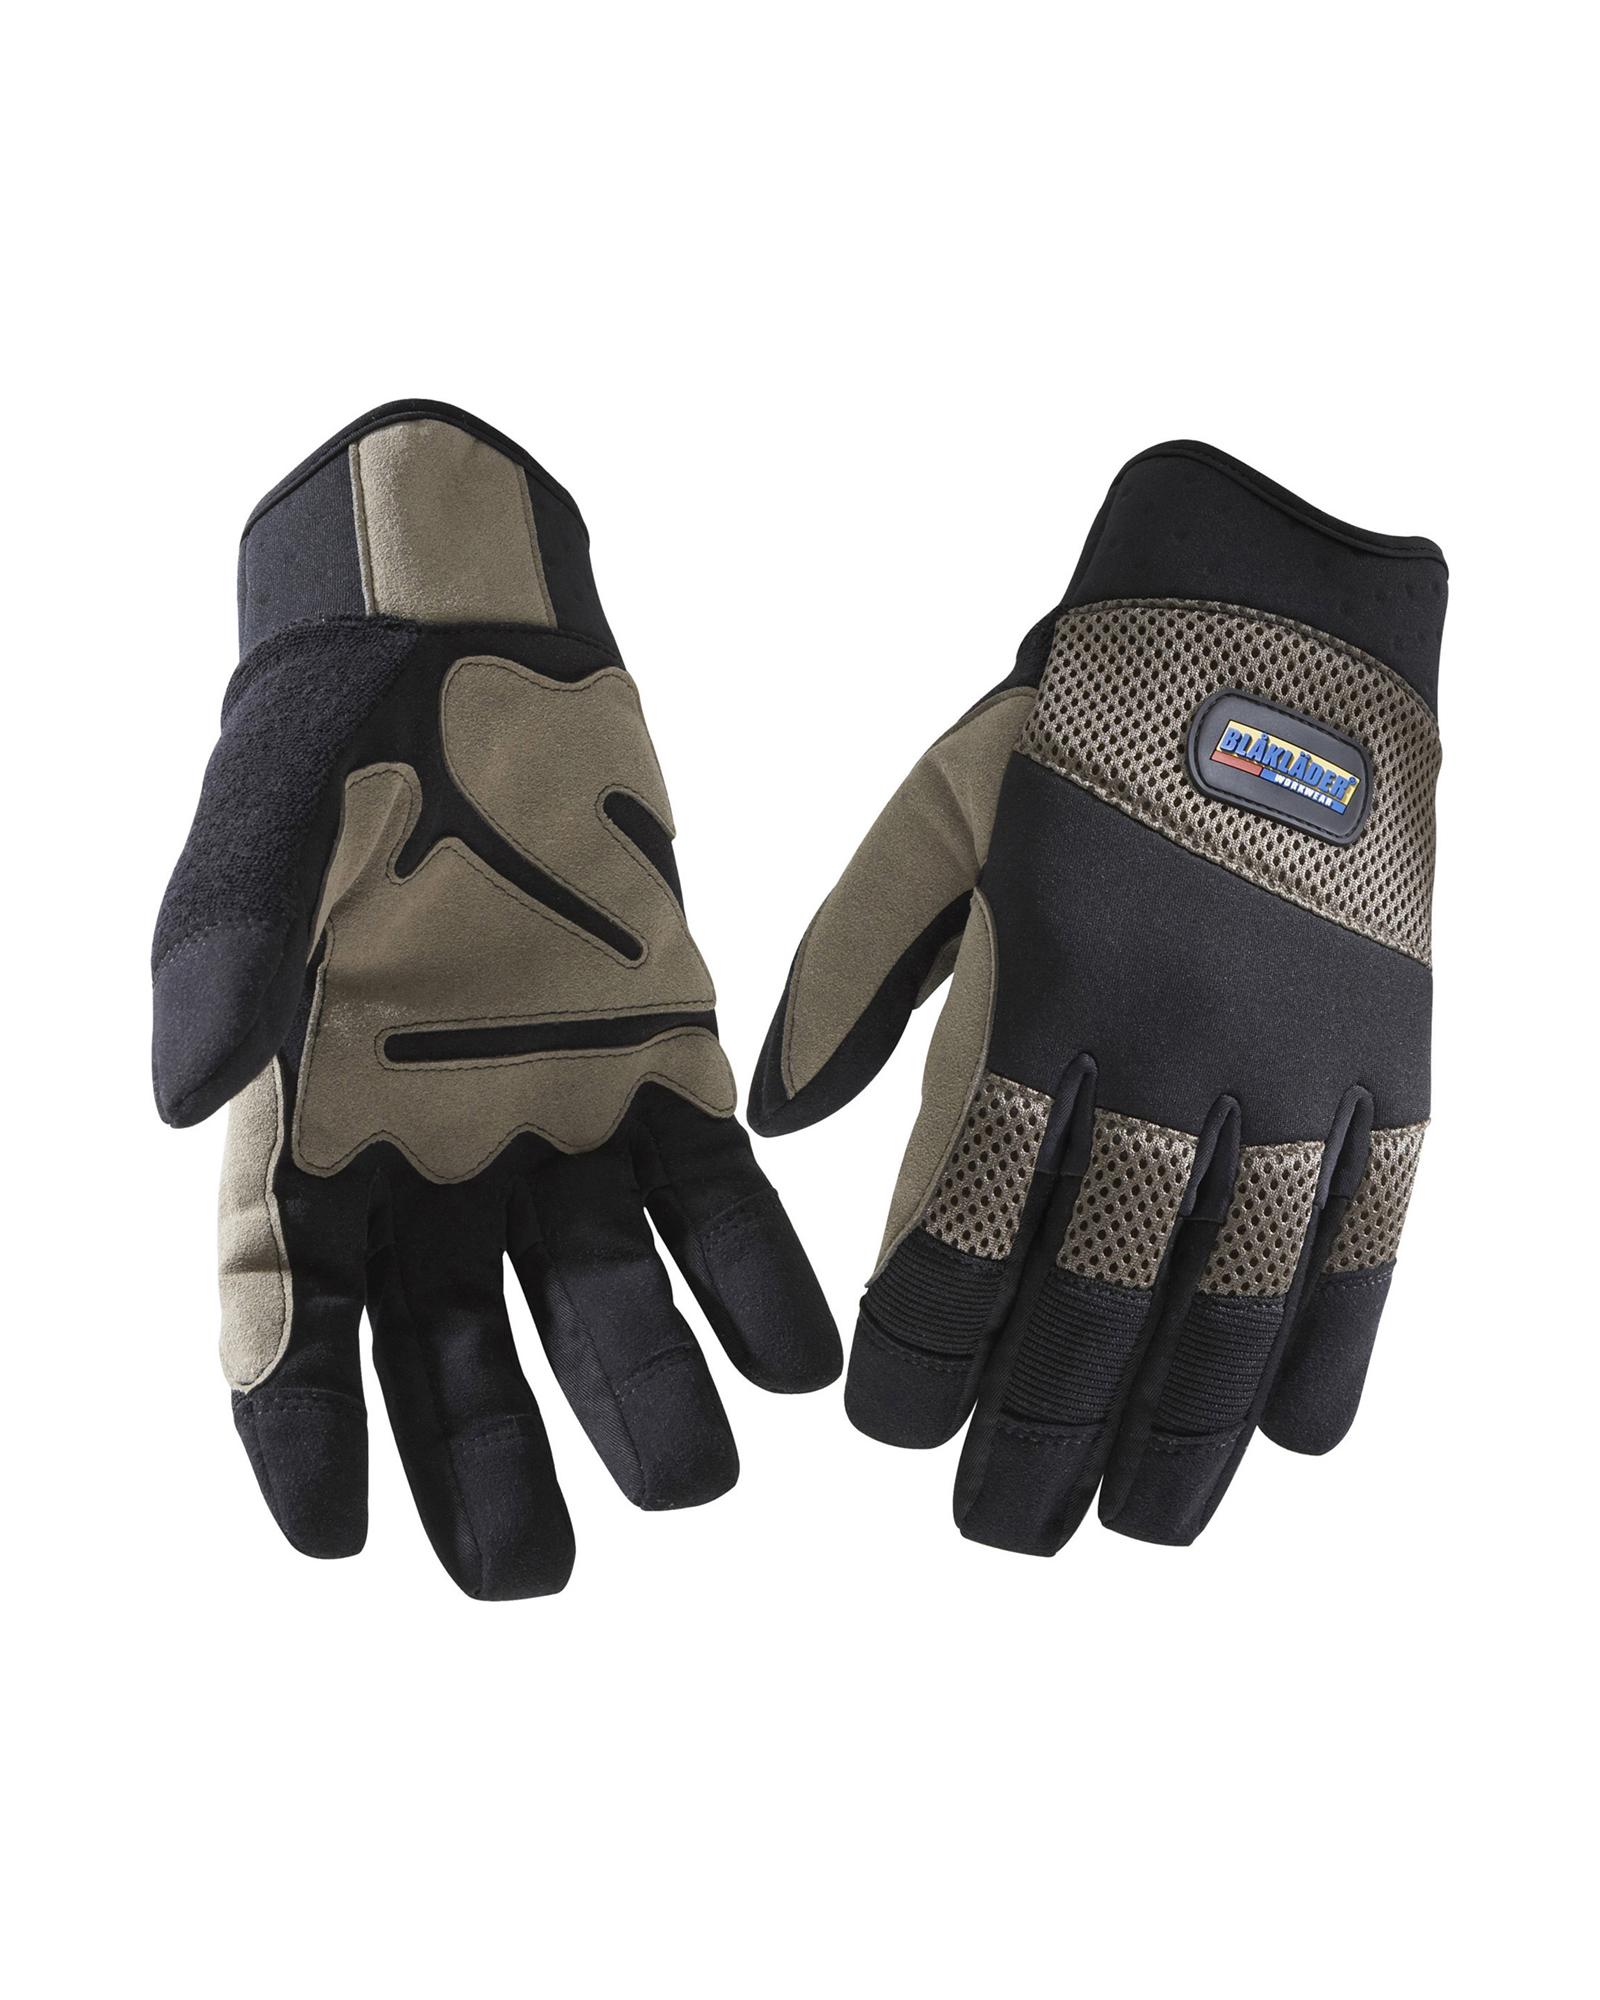 gant de travail neoprene gloves 22343914 bl kl der. Black Bedroom Furniture Sets. Home Design Ideas